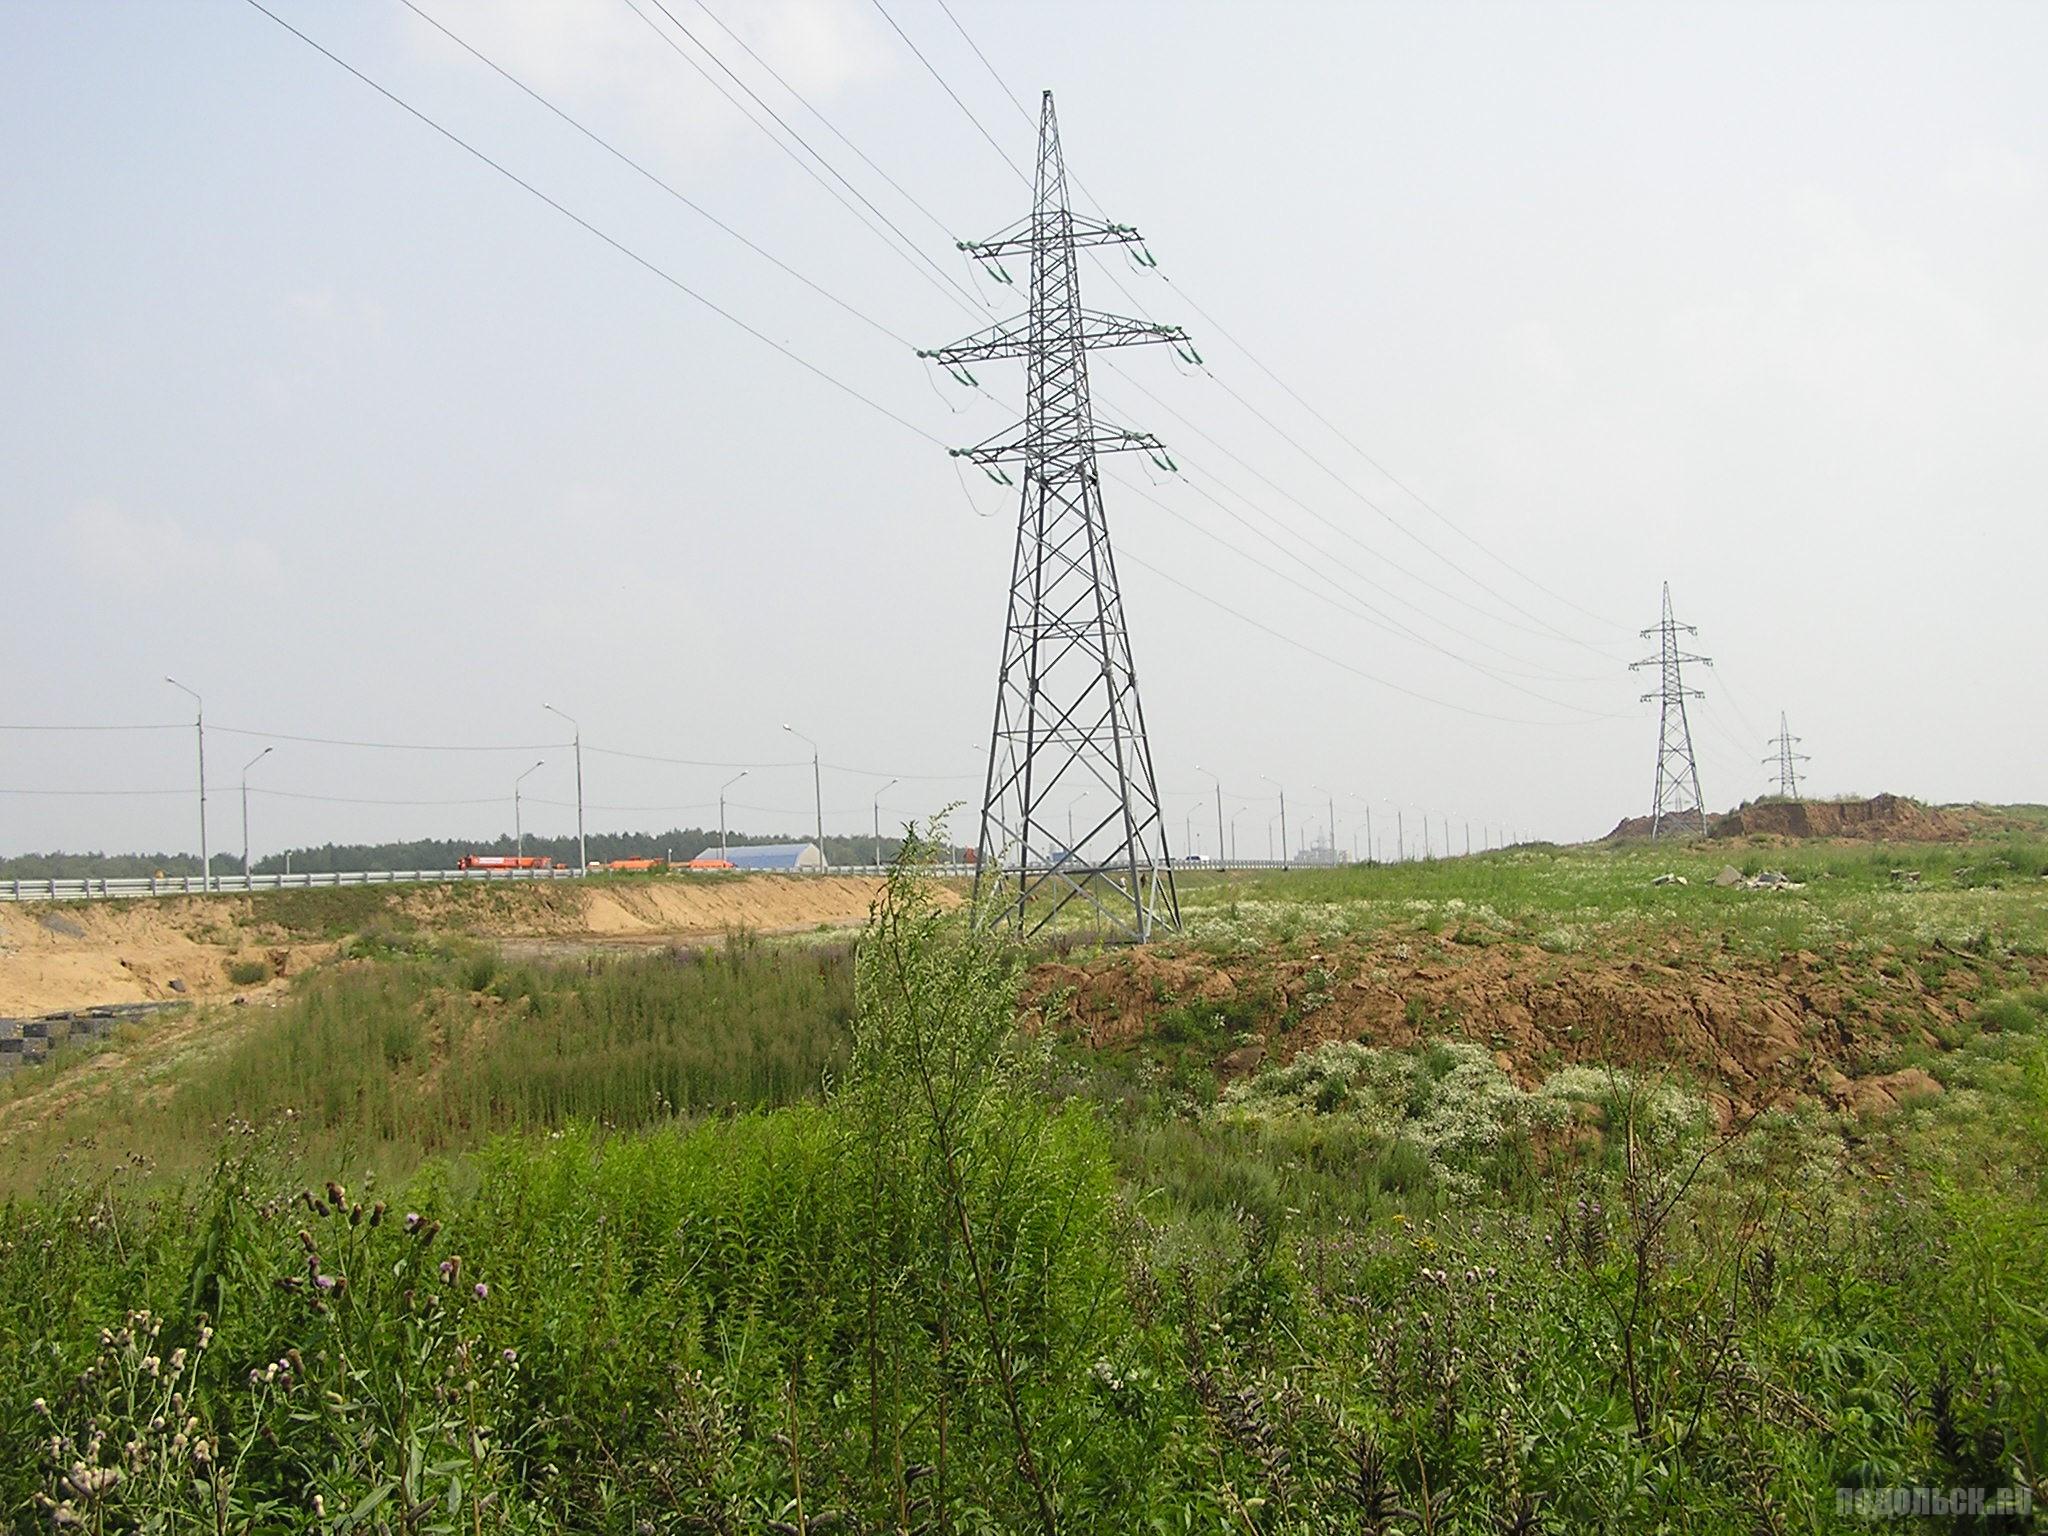 Эстакада в Сергеевке 24 июля 2016 г.